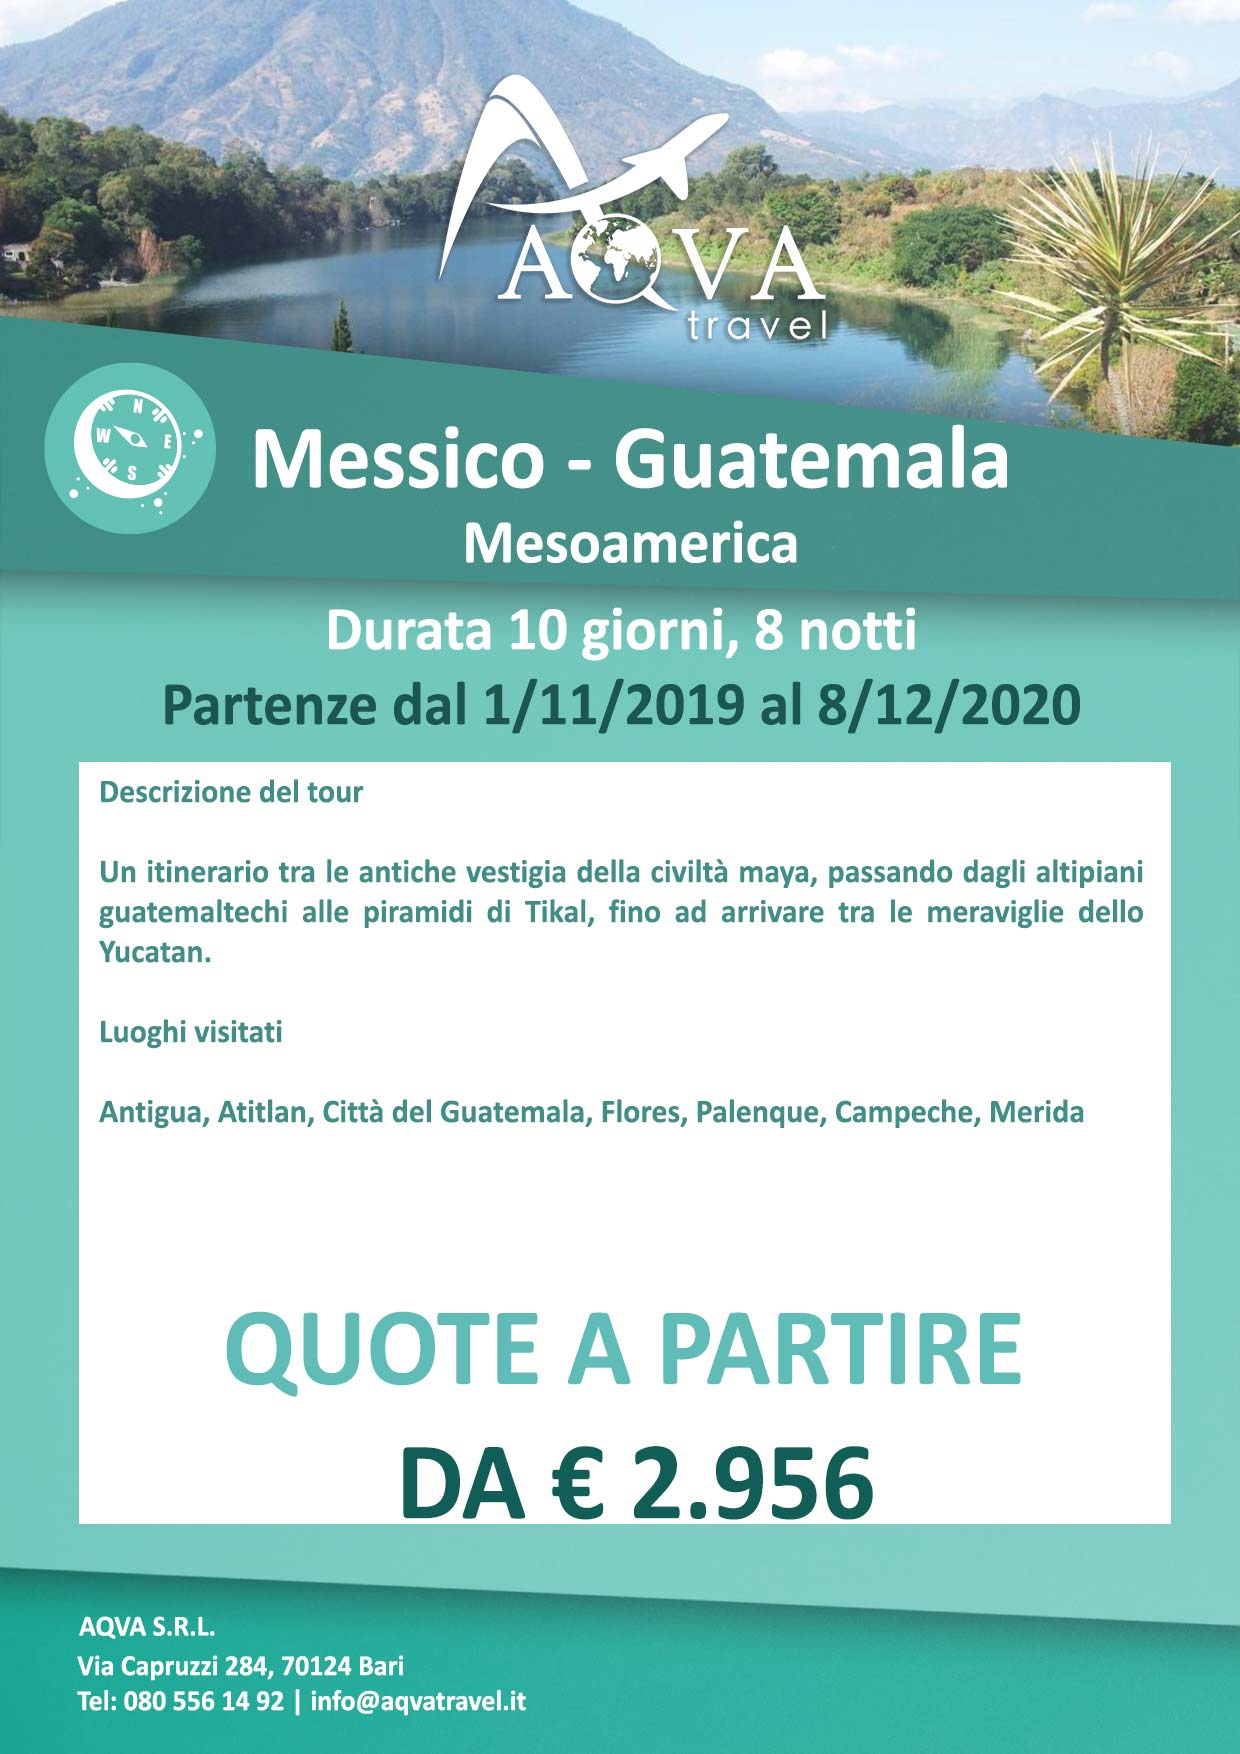 Messico-Guatemala-Avventura-offerte-agenzia-di-viaggi-Bari-AQVATRAVEL-itMessico-Guatemala-Avventura-offerte-agenzia-di-viaggi-Bari-AQVATRAVEL-it